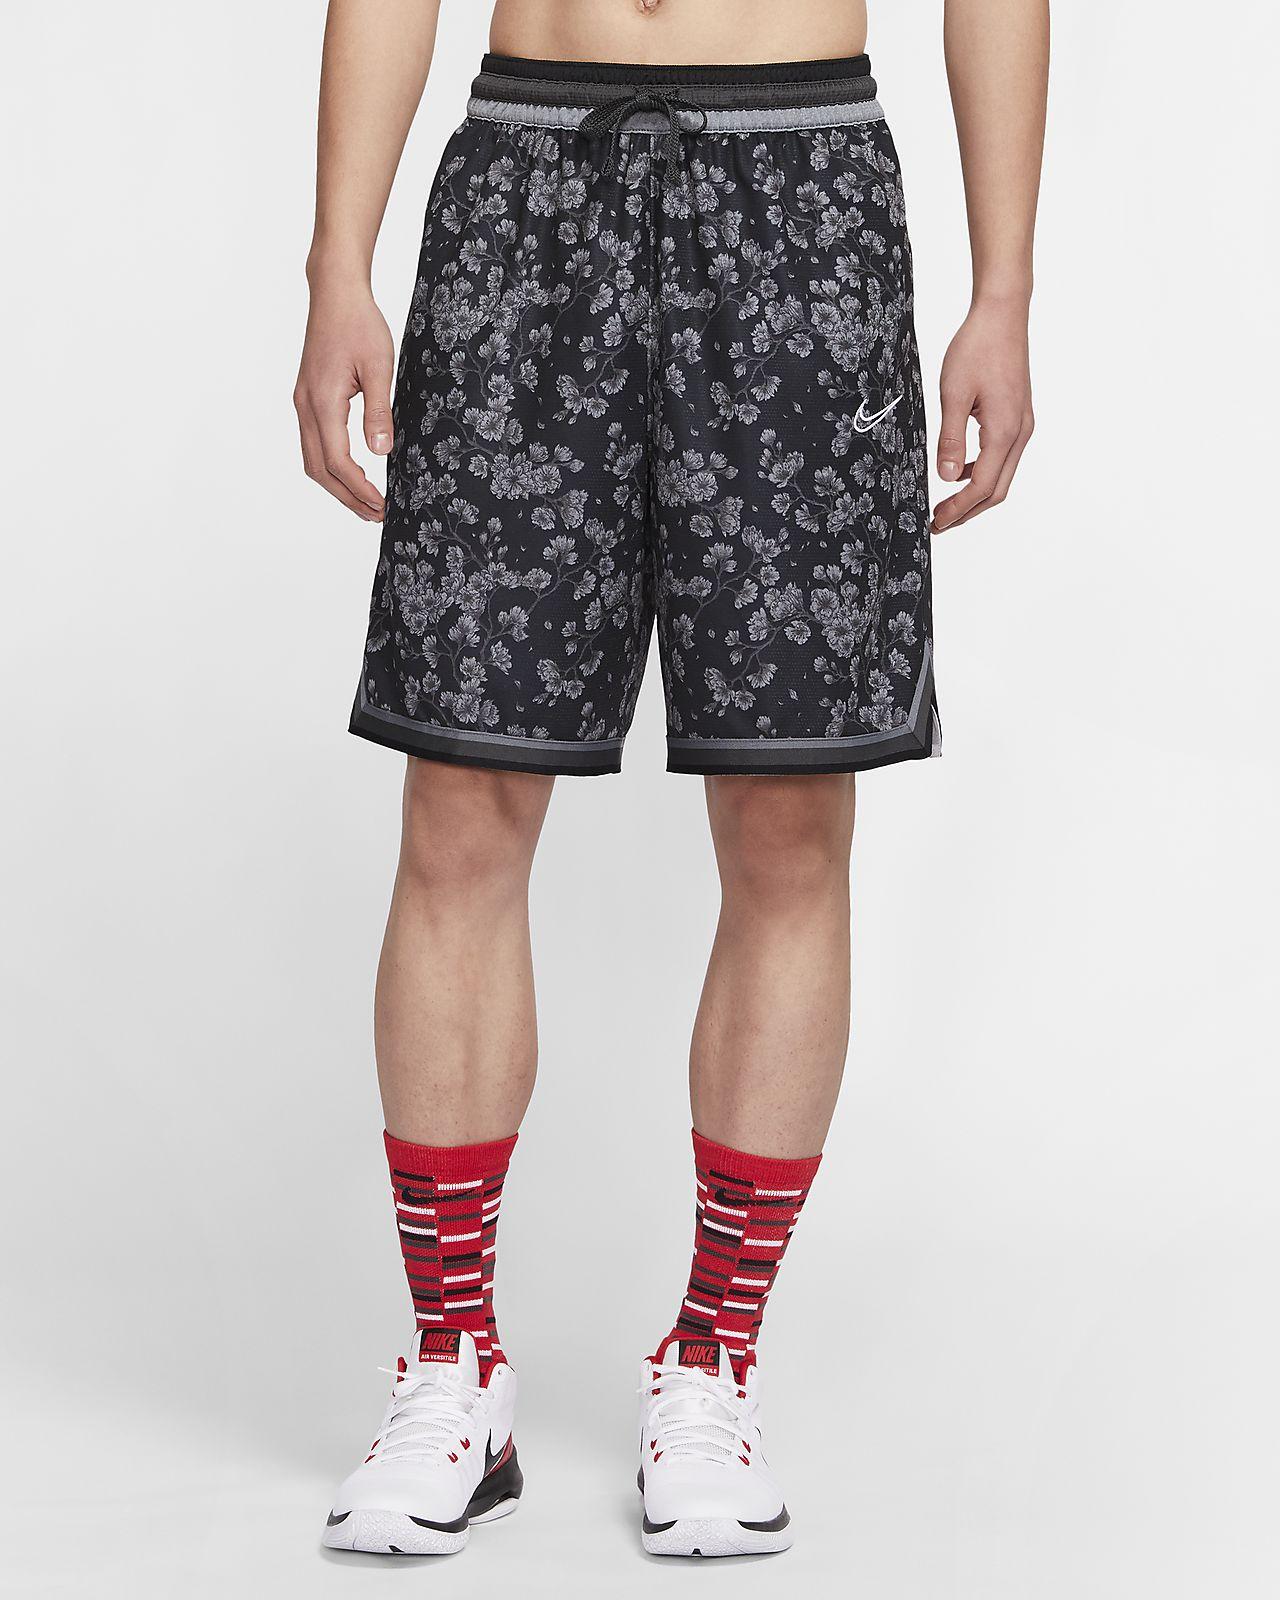 Nike Dri-FIT DNA 男子篮球短裤